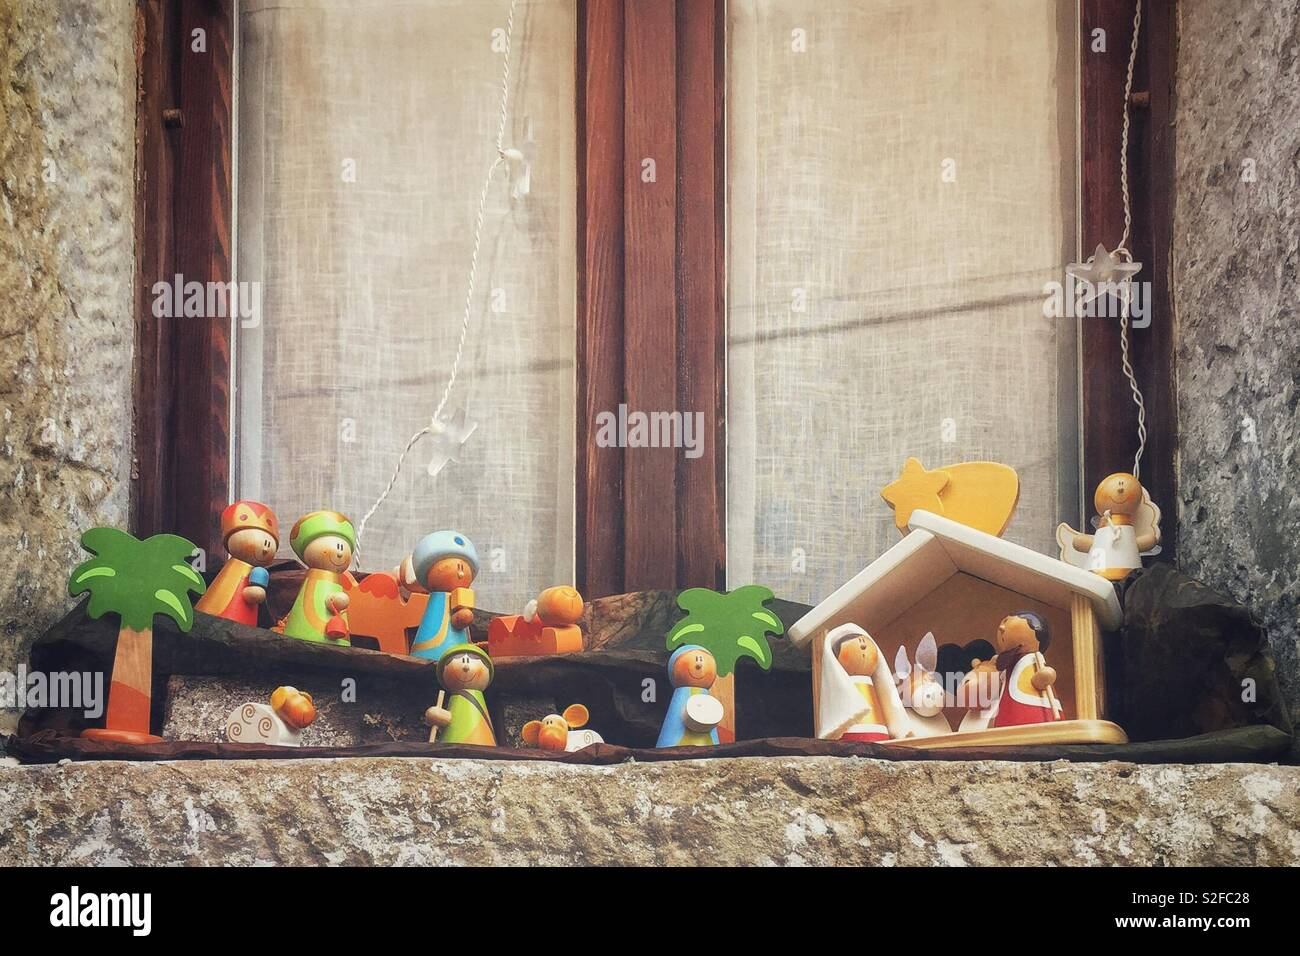 Nativity scene - Stock Image